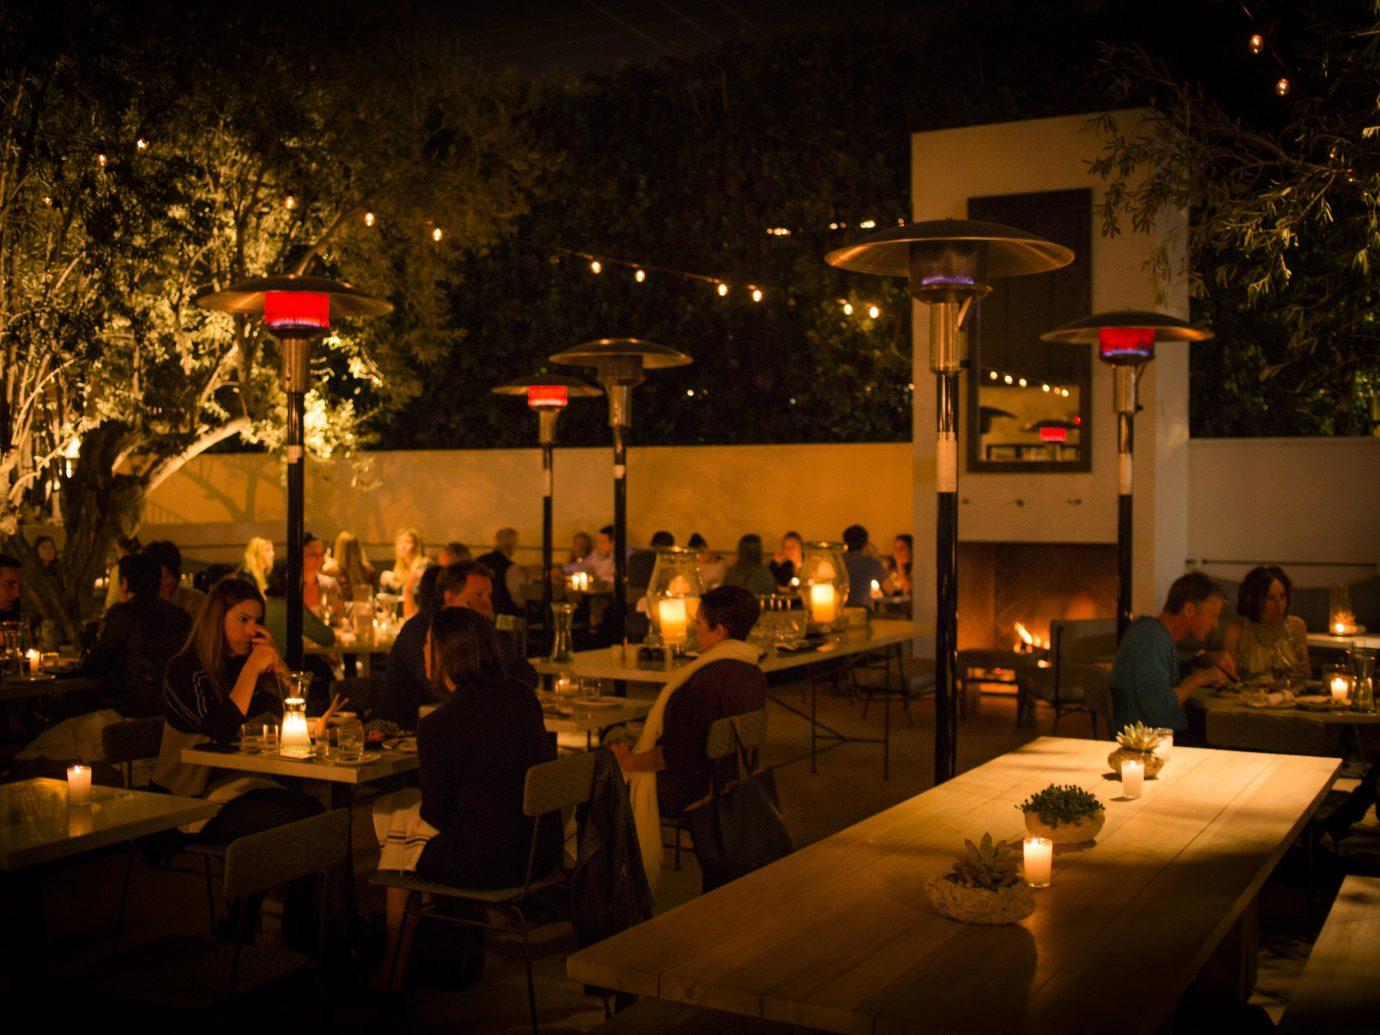 table outdoor night restaurant lighting Bar evening light dark several